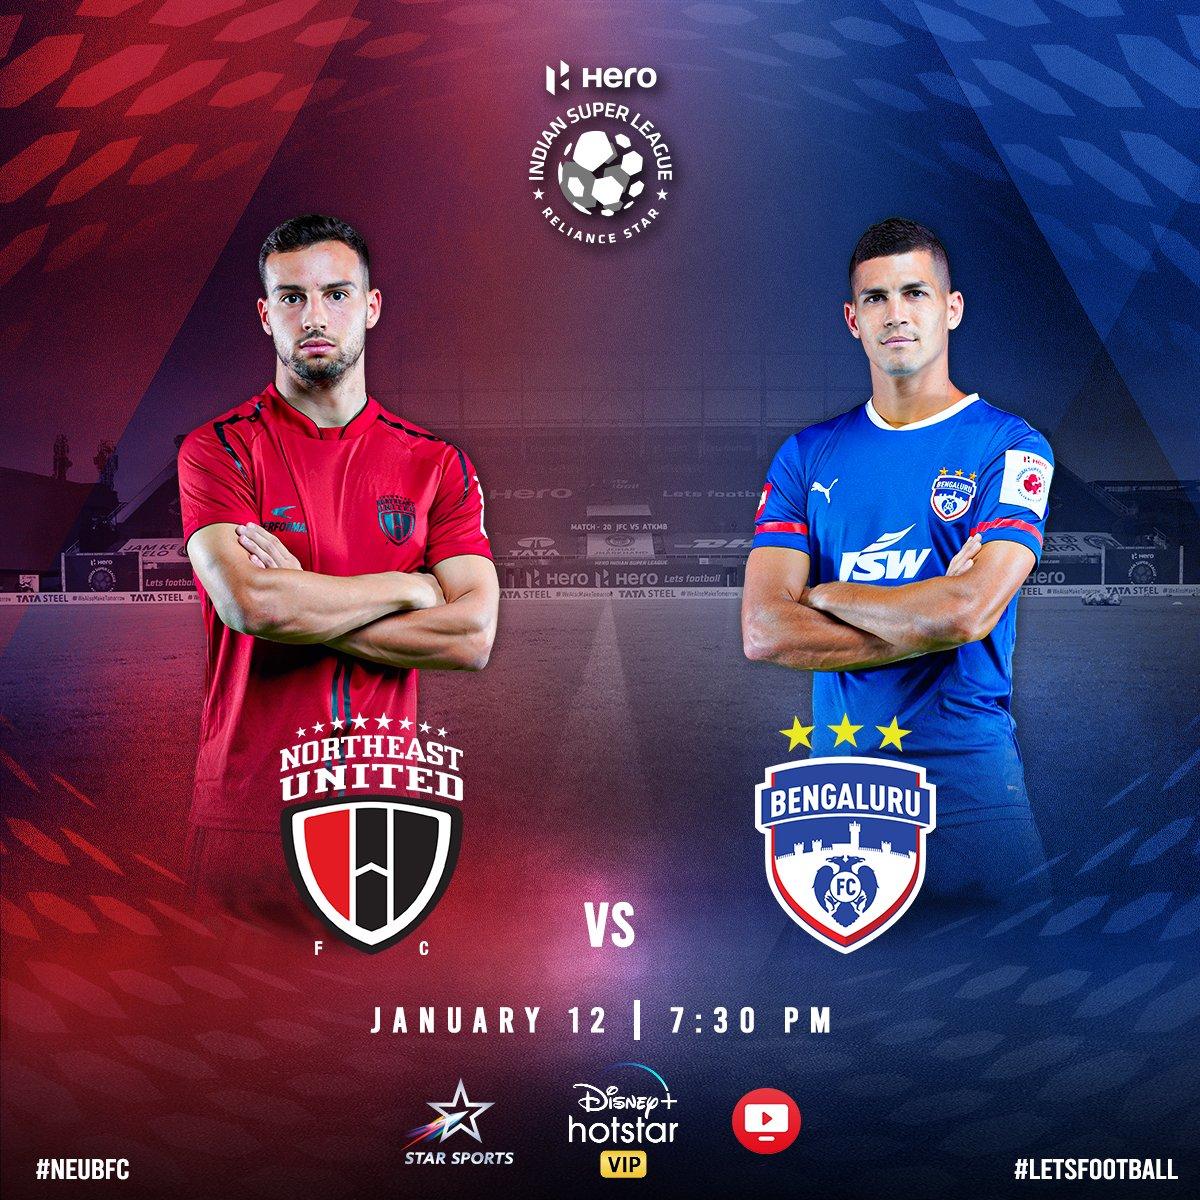 Match 5️⃣6️⃣  NorthEast United FC ⚽ vs Bengaluru FC ⚽  Tonight 7 30 PM 🕢  #NEUBFC   #HeroISL #StrongerAsOne #NEUFC  #WeAreBFC #ISL #LetsFootball https://t.co/XWUuvjCW2p